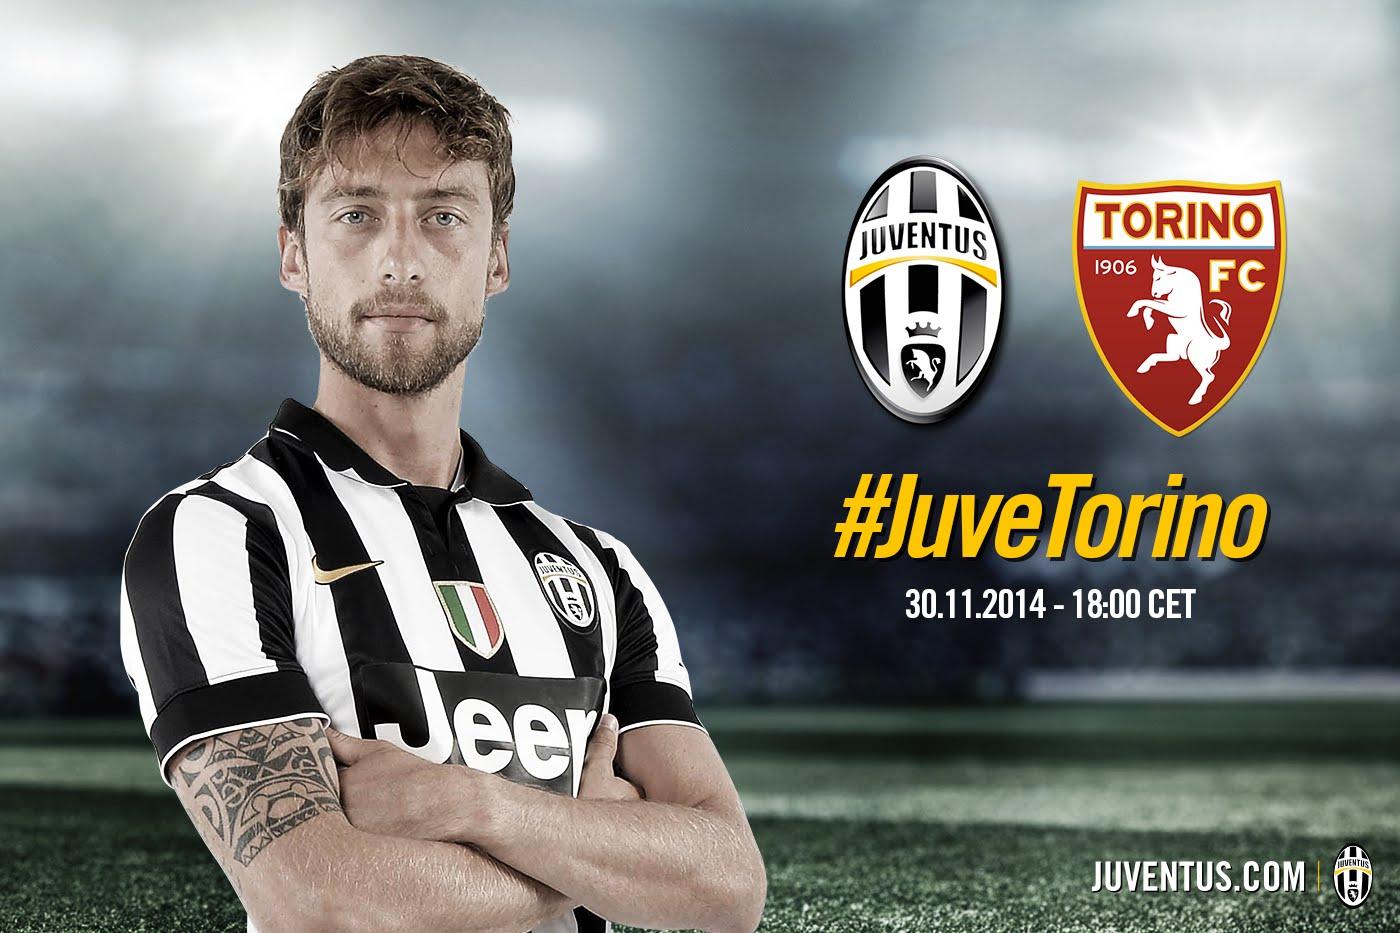 Derby della Mole preview - #TorinoèBianconera